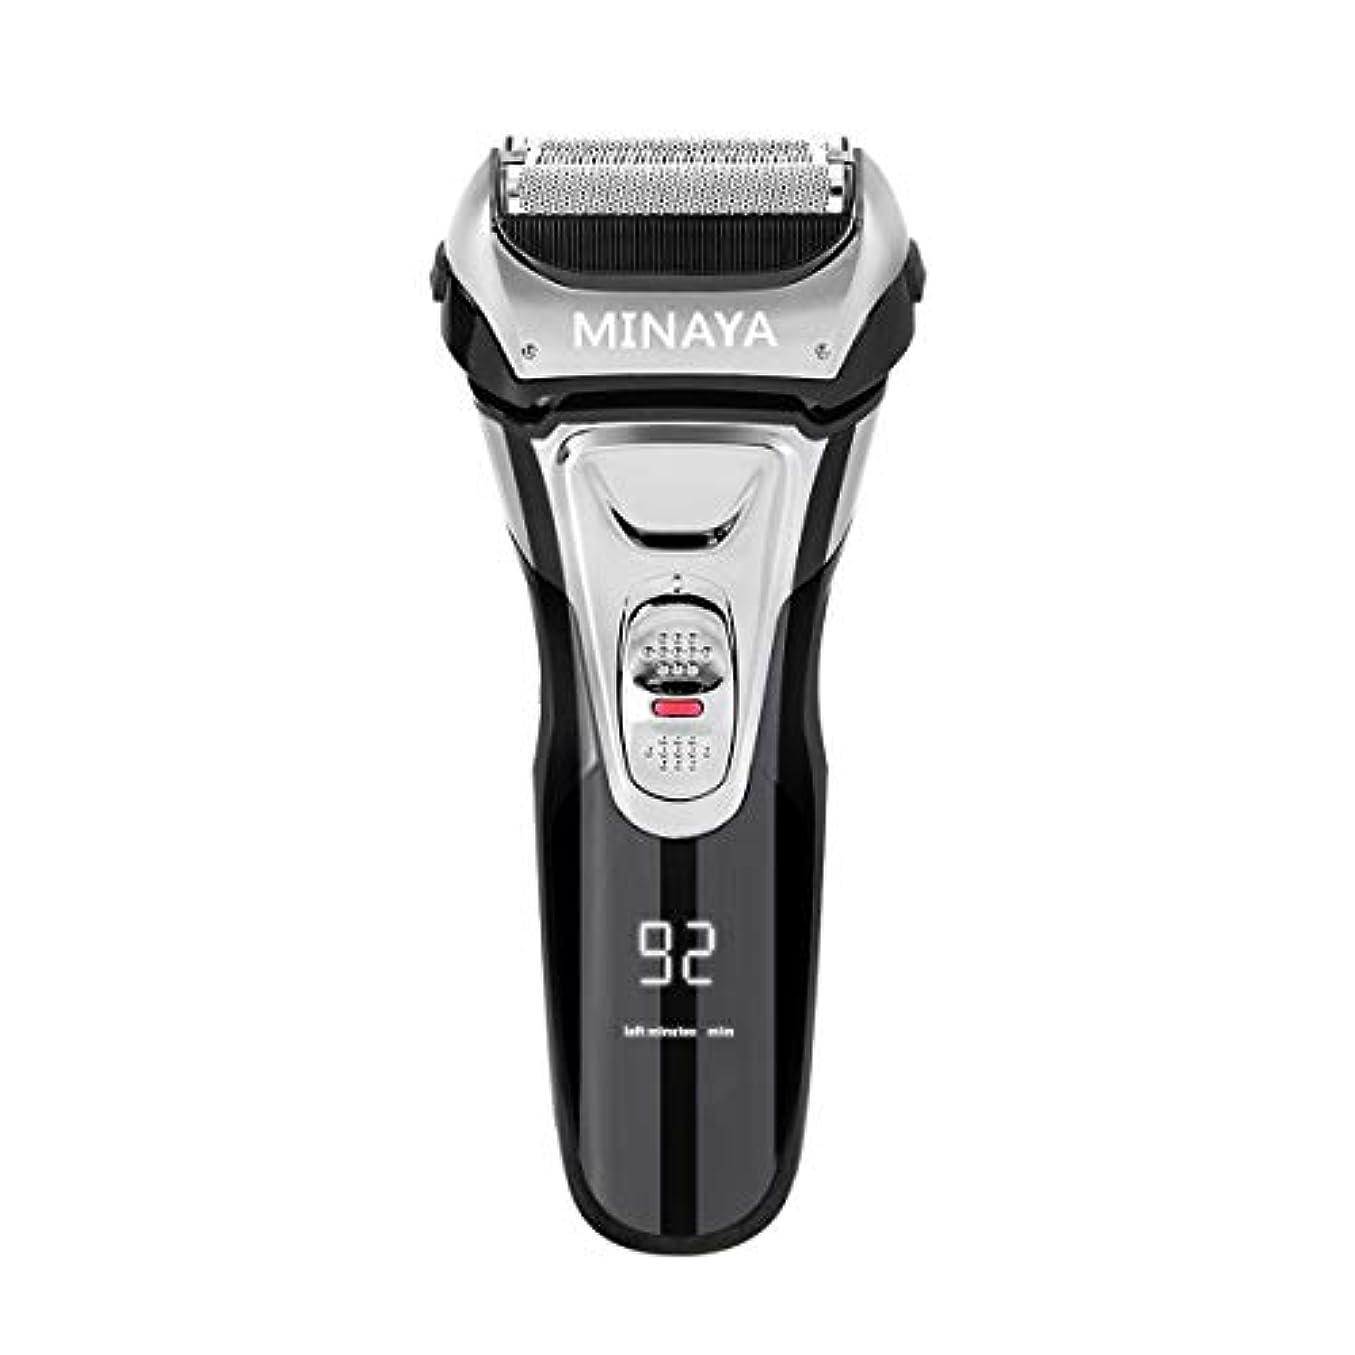 保証重要神社電気シェーバー メンズ シェーバー 往復式 3枚刃 髭剃り 電動 カミソリ LEDディスプレイ USB充電式 IPX7防水 水洗い/お風呂剃り対応